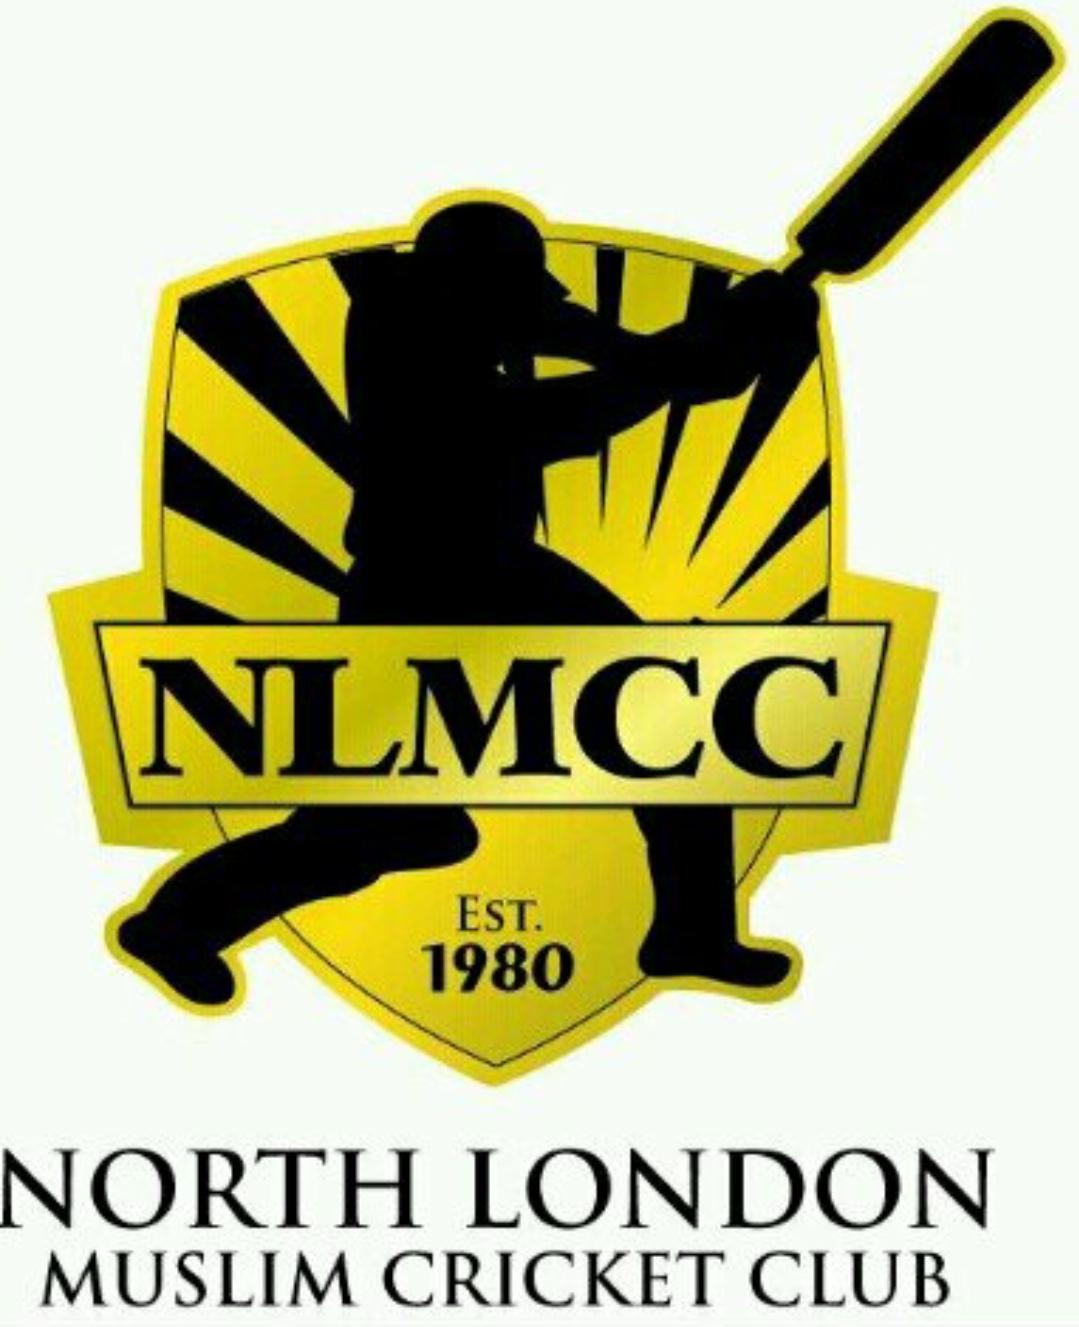 nlmcc